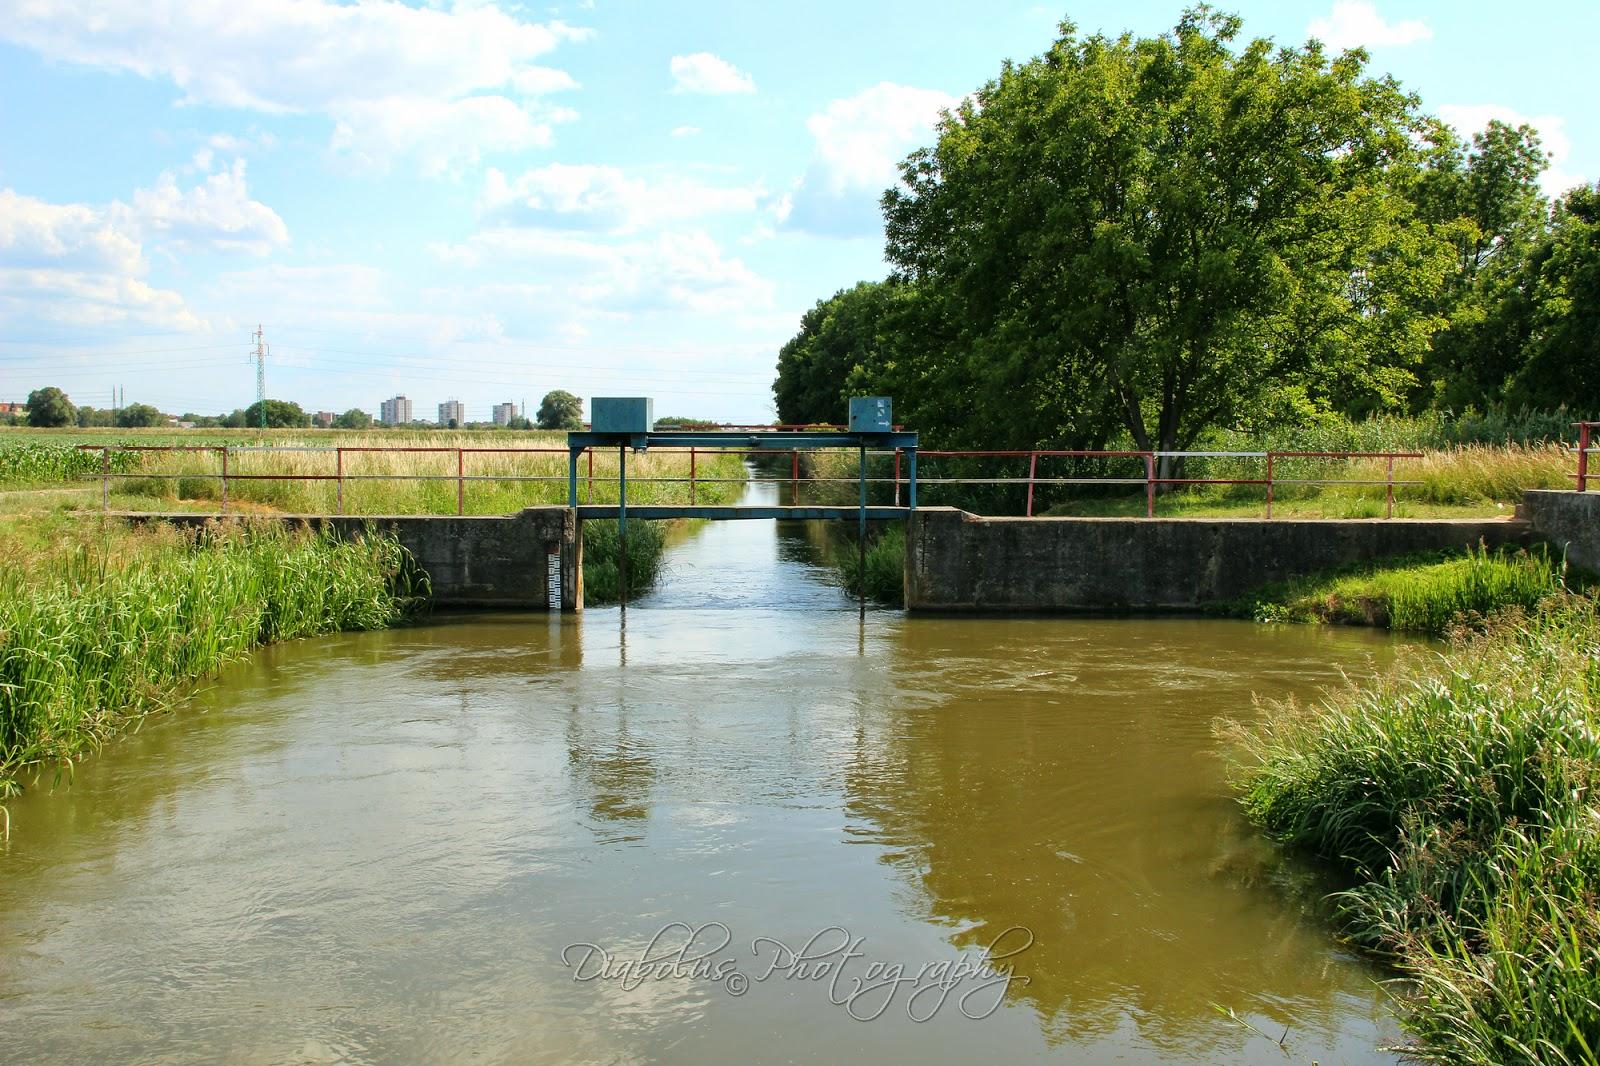 Jez na Chvojnici u Kátova/The Little Weir on Chvojnica River near by Kátov